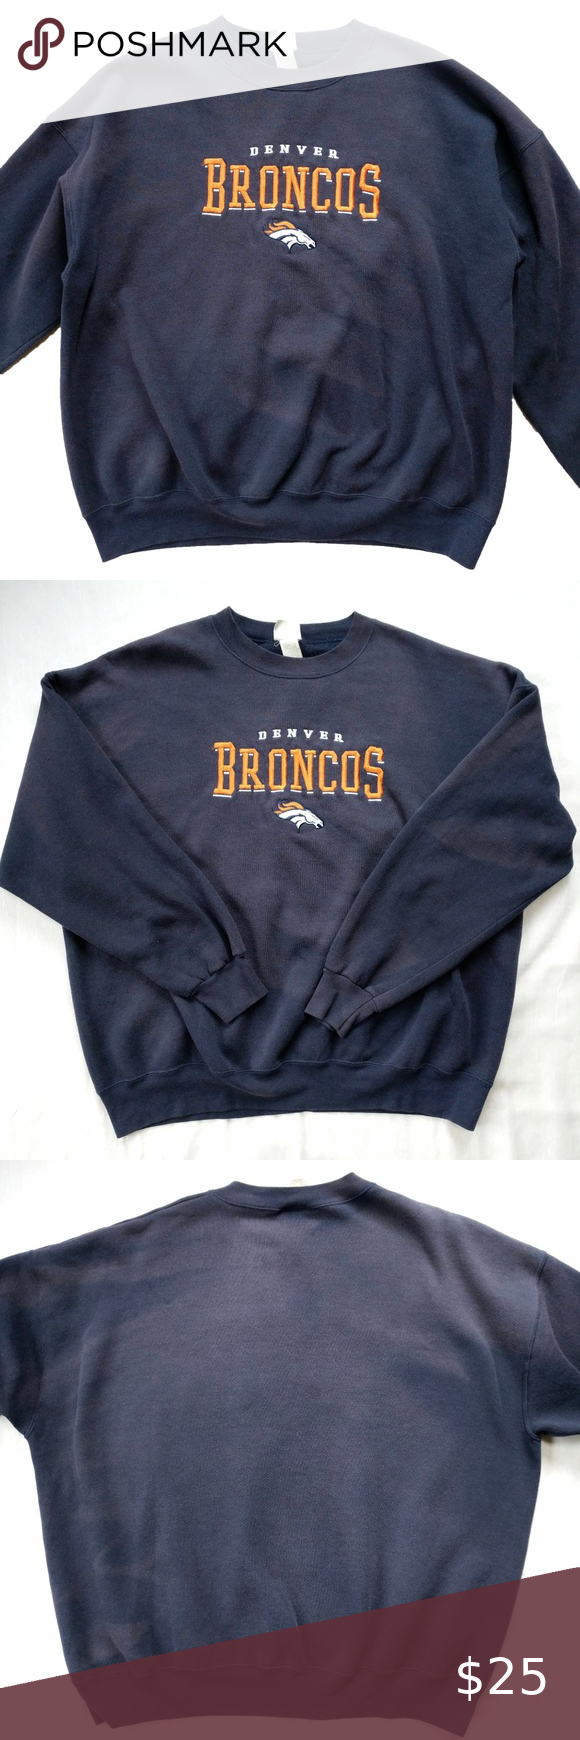 Vintage Denver Broncos Lee 90s Crew Sweatshirt Xxl Sweatshirts Crew Sweatshirts Long Sleeve Sweatshirts [ 1740 x 580 Pixel ]